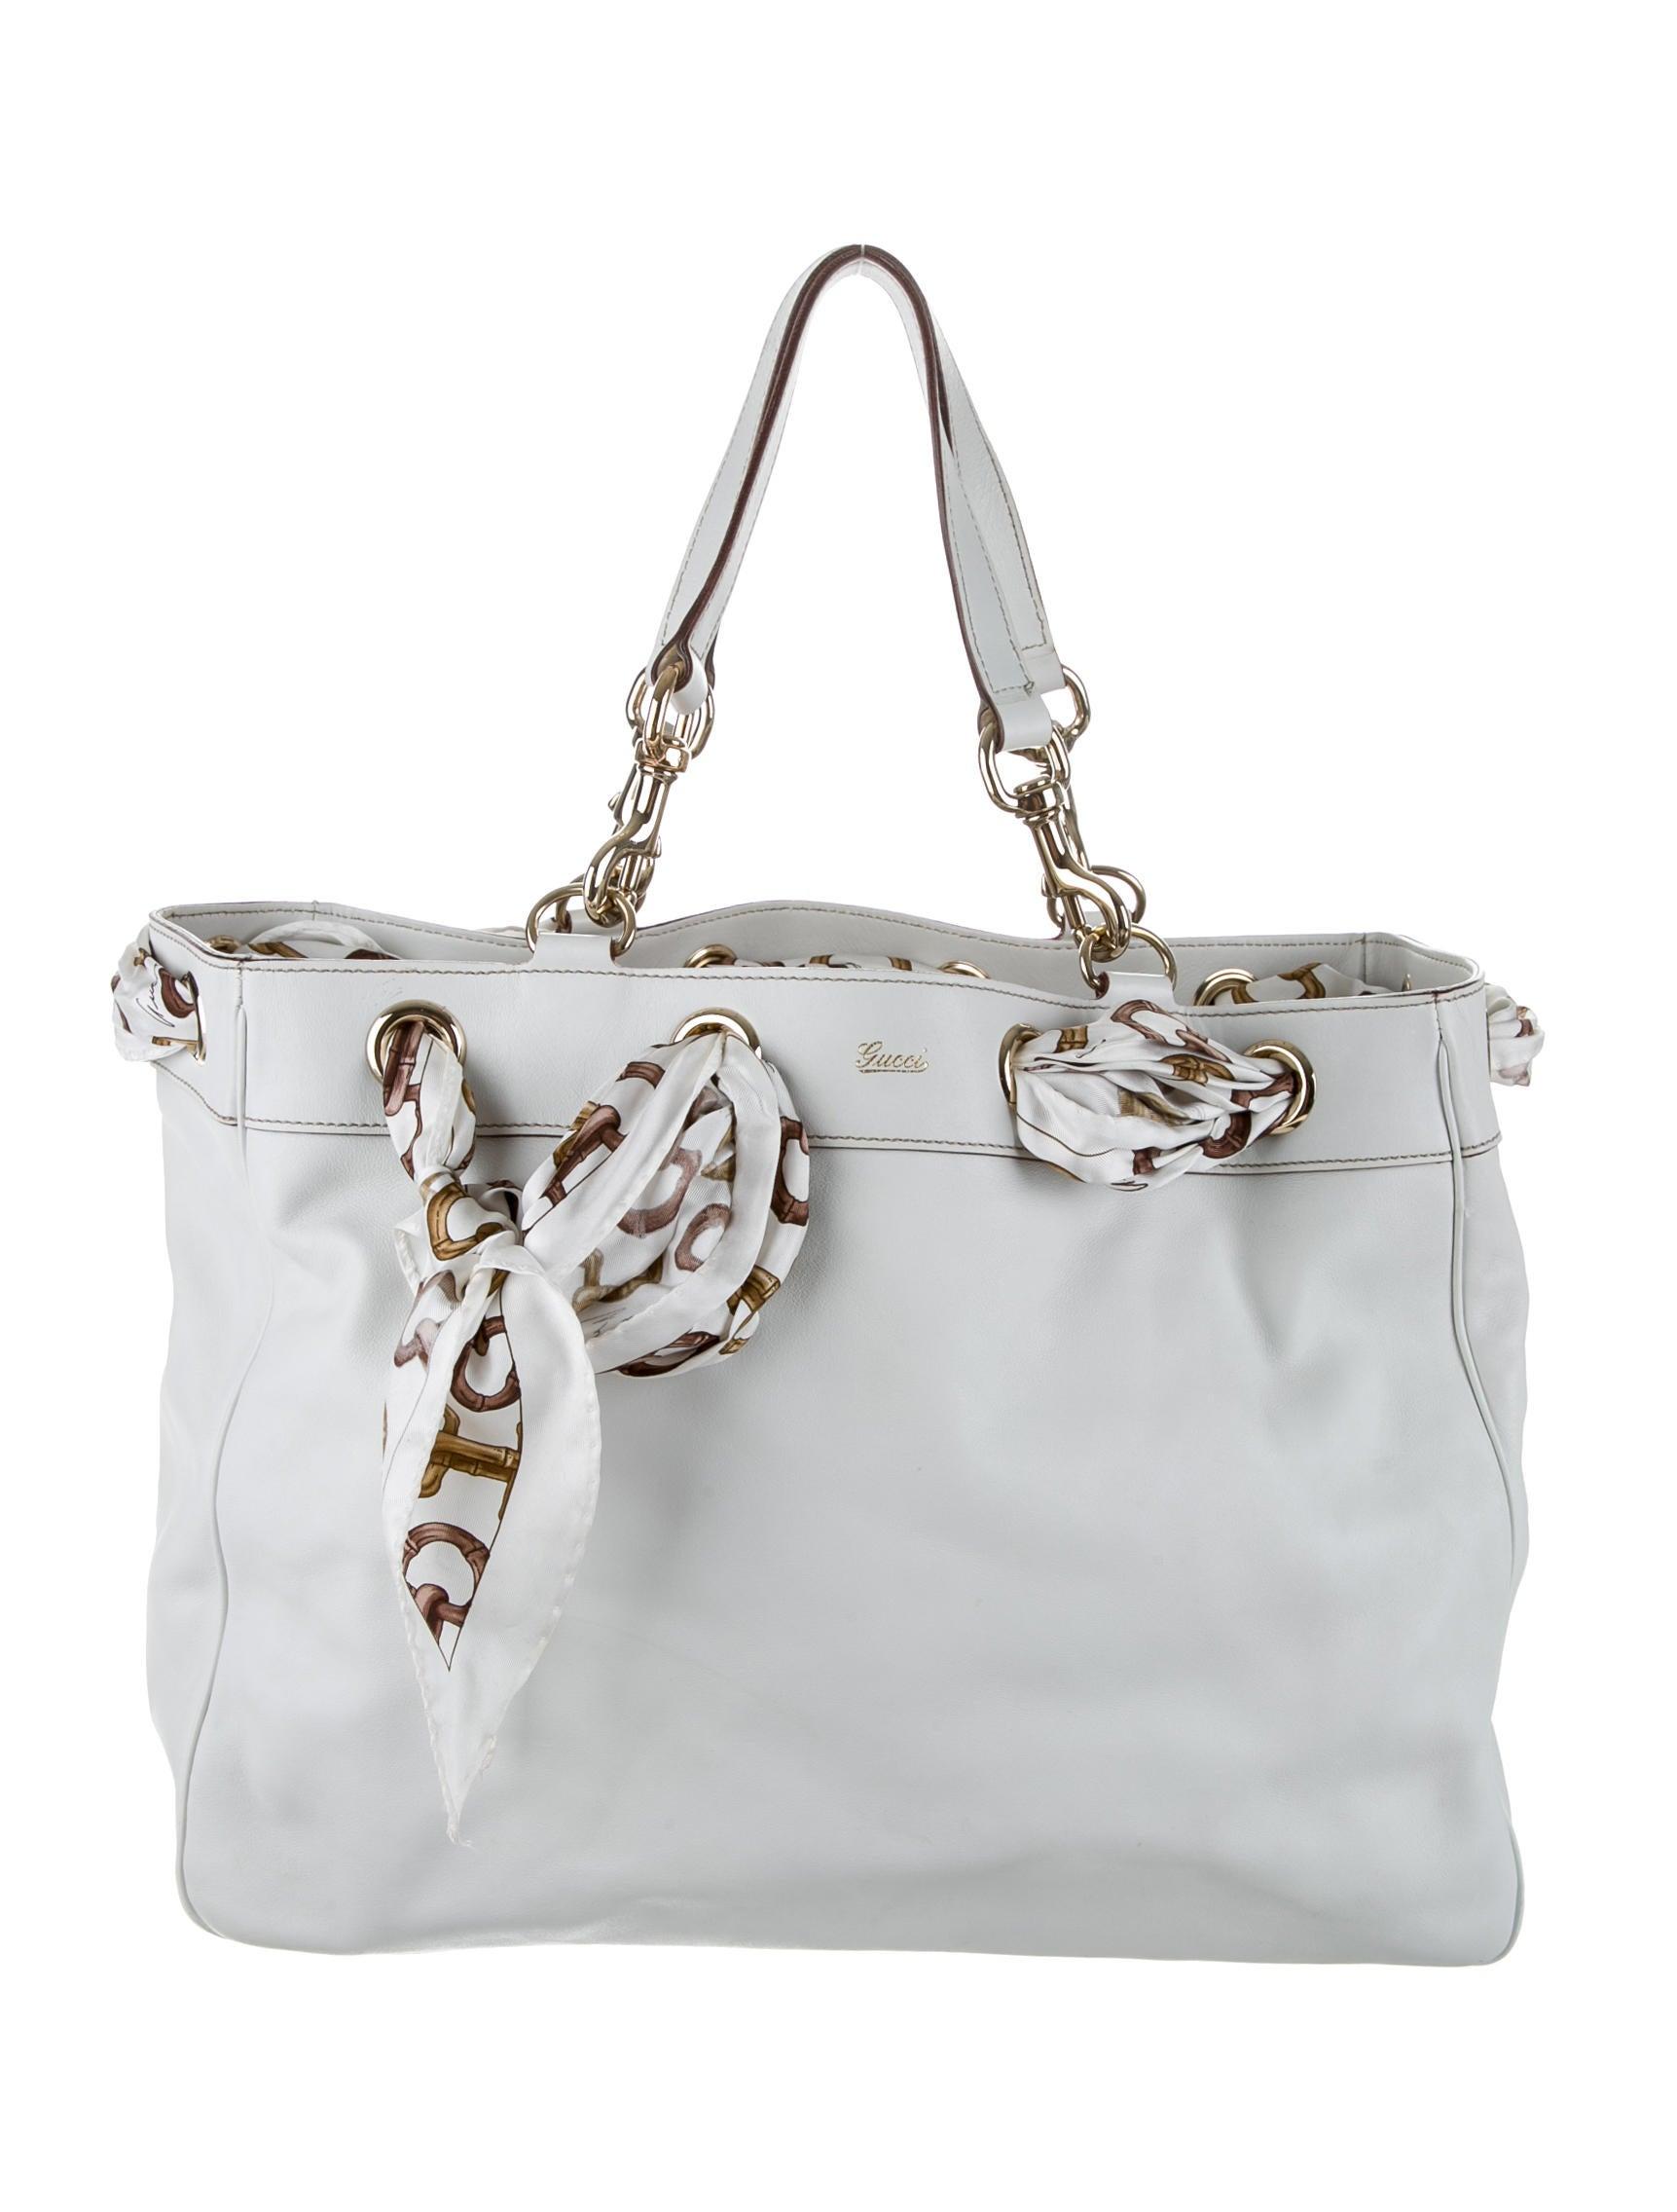 e5e9a70b1cd Gucci Large Positano Scarf Tote - Handbags - GUC46070